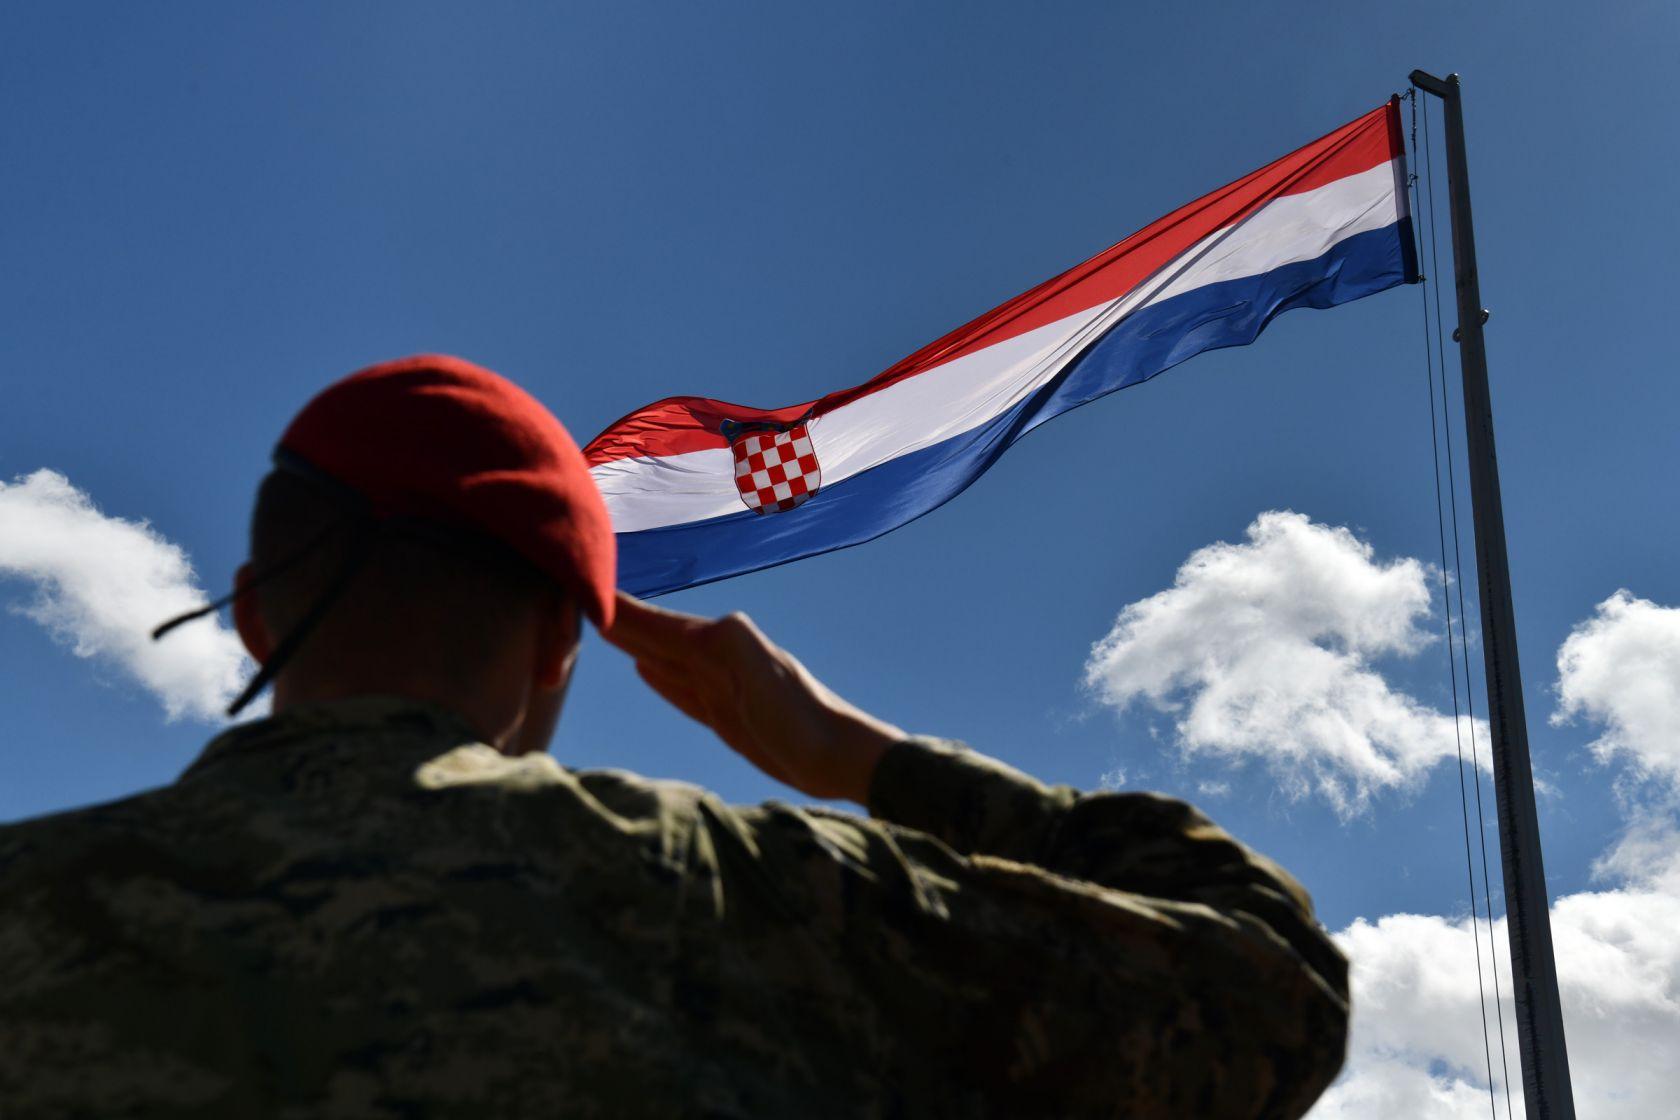 Jučerašnji veliki praznik u Kninu proslavljen svečano i dostojanstveno